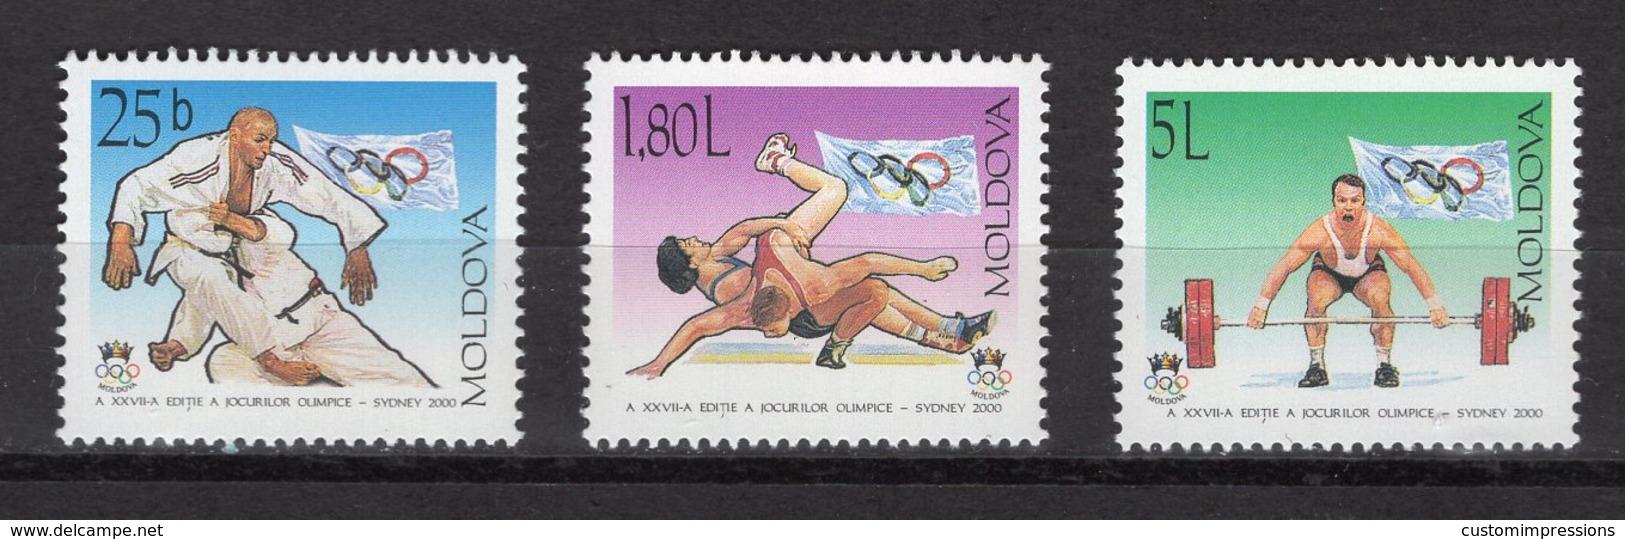 MOLDOVIA -  SYDNEY 2000 OLYMPIC GAMES  O566 - Sommer 2000: Sydney - Paralympics